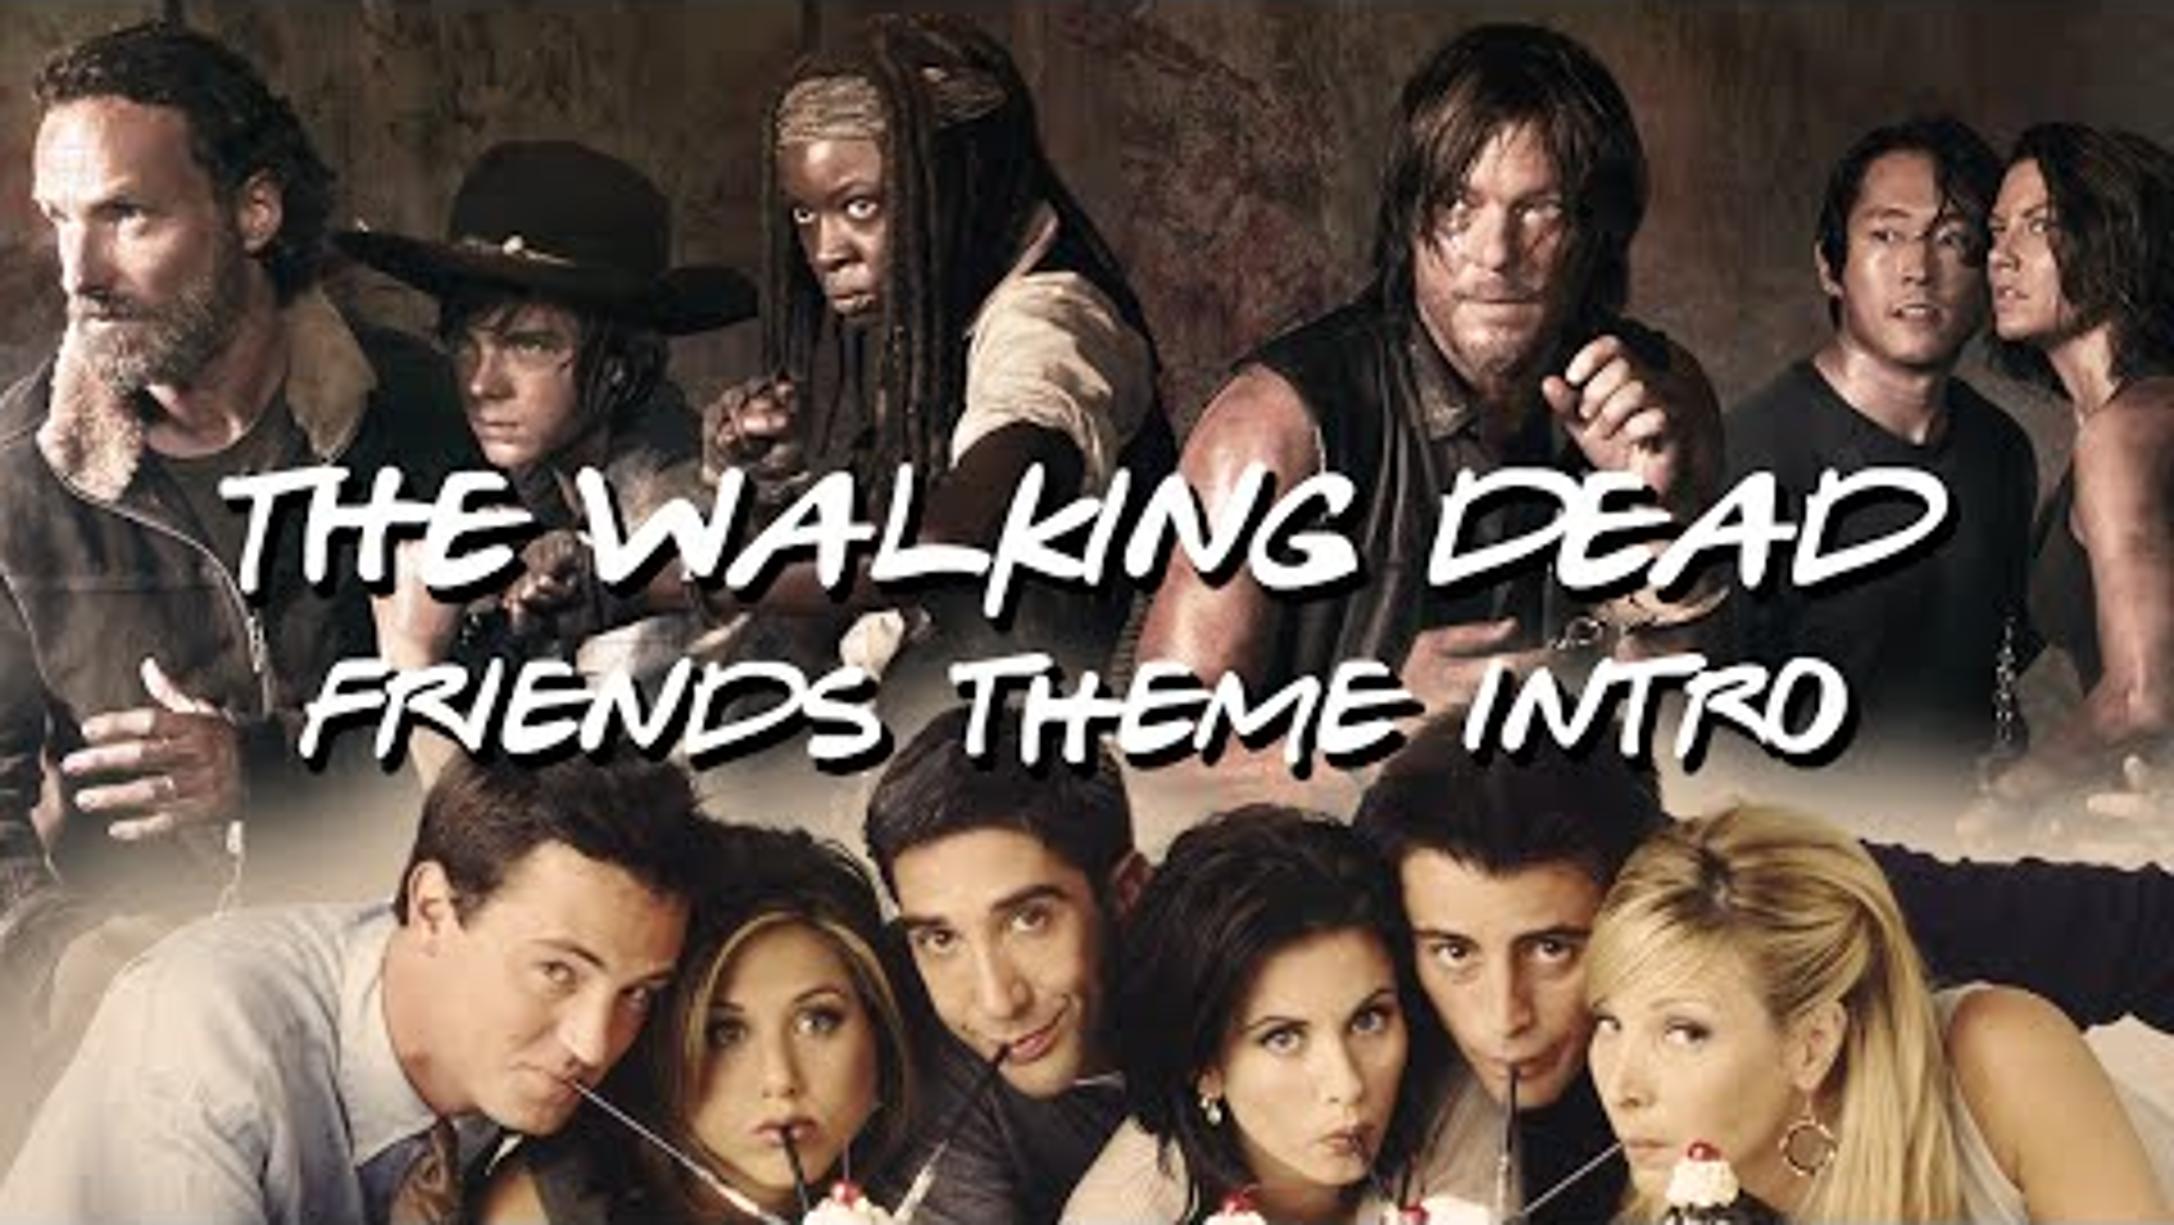 The Walking Dead Friends